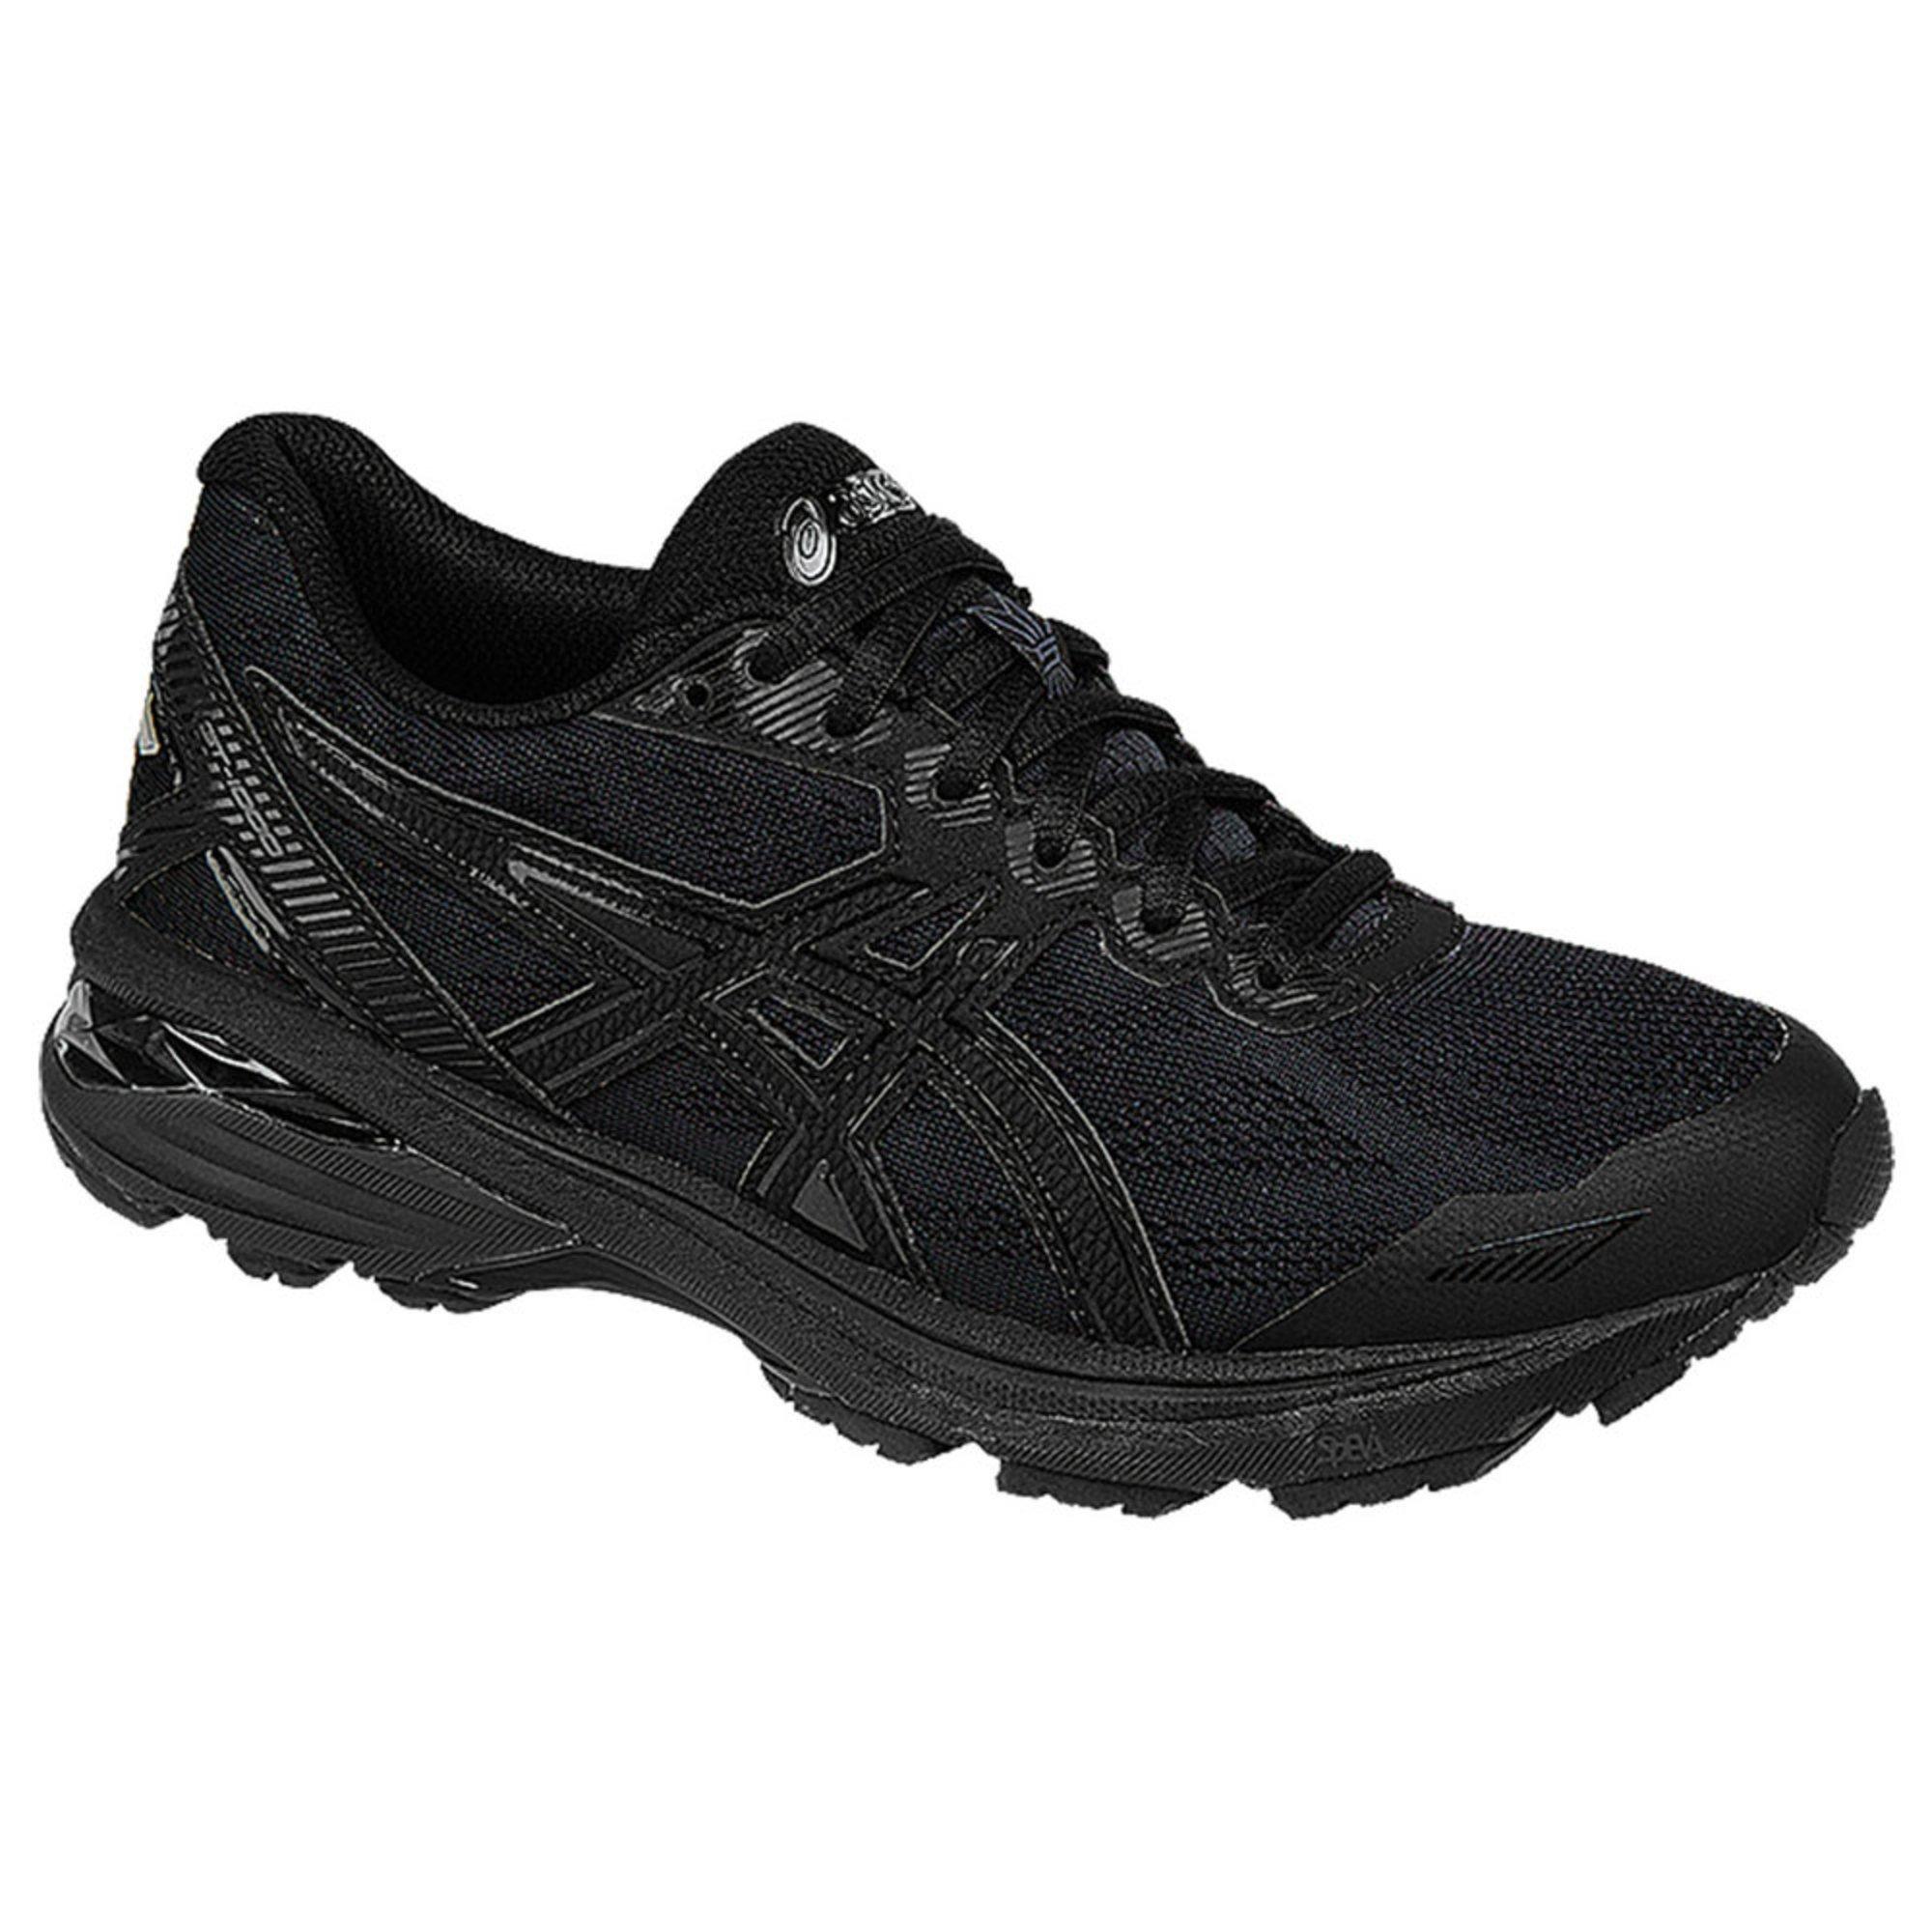 Asics. Asics GT-1000 5 Women's Running Shoe Black / Onyx / Black